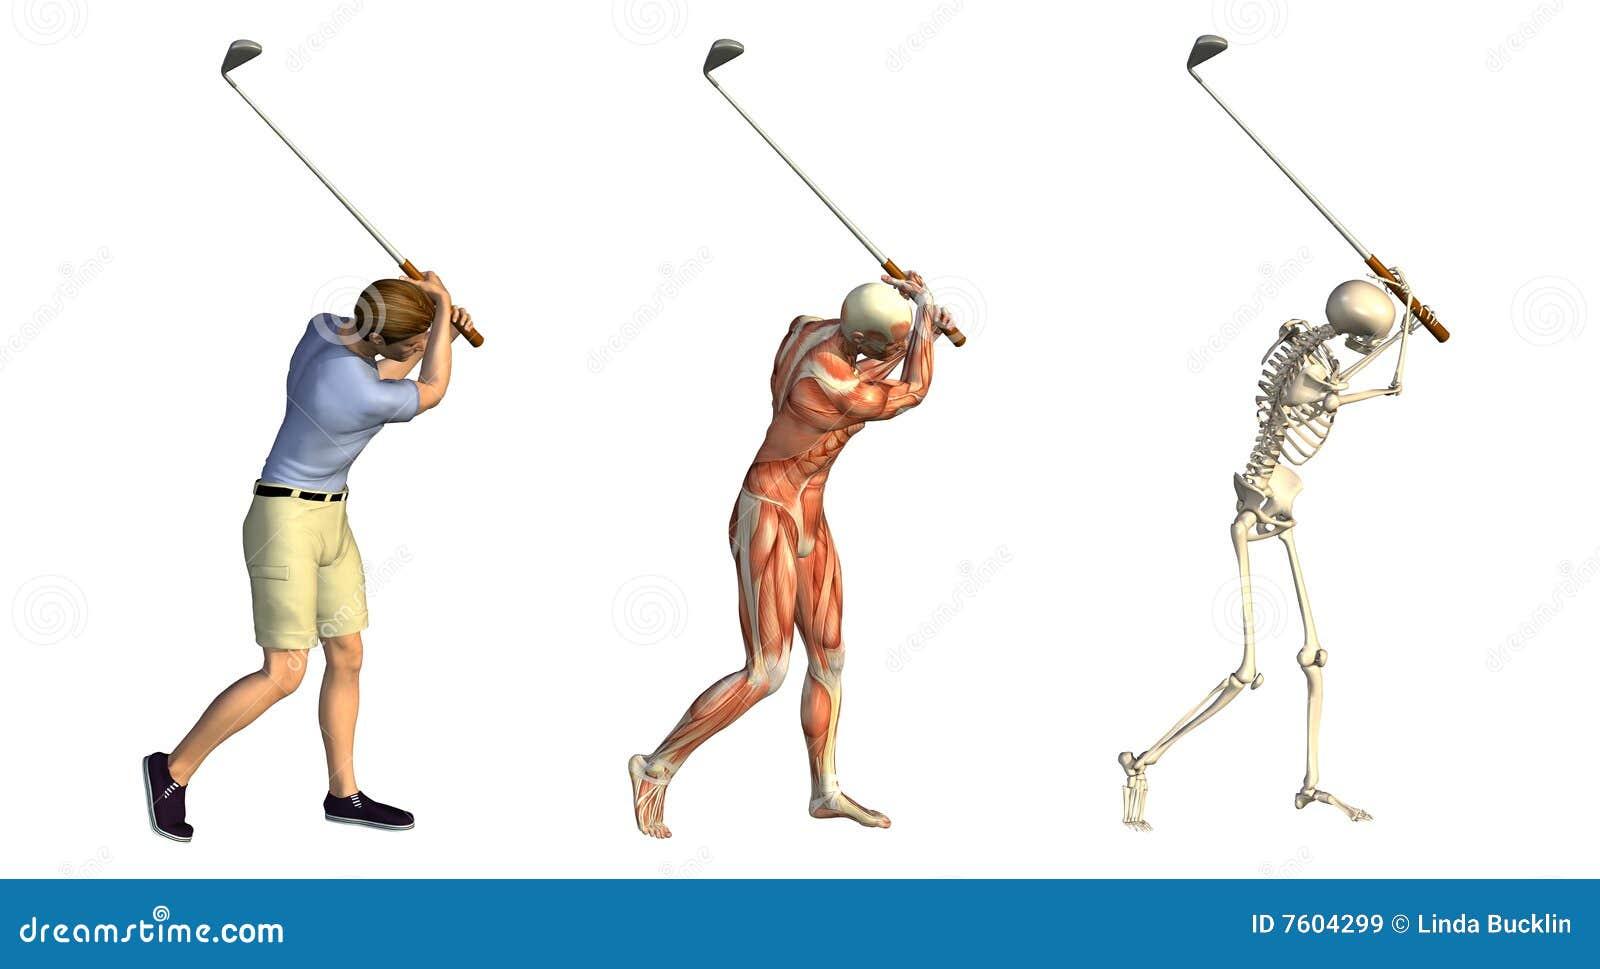 Recubrimientos Anatómicos: Oscilación Del Golf Stock de ilustración ...